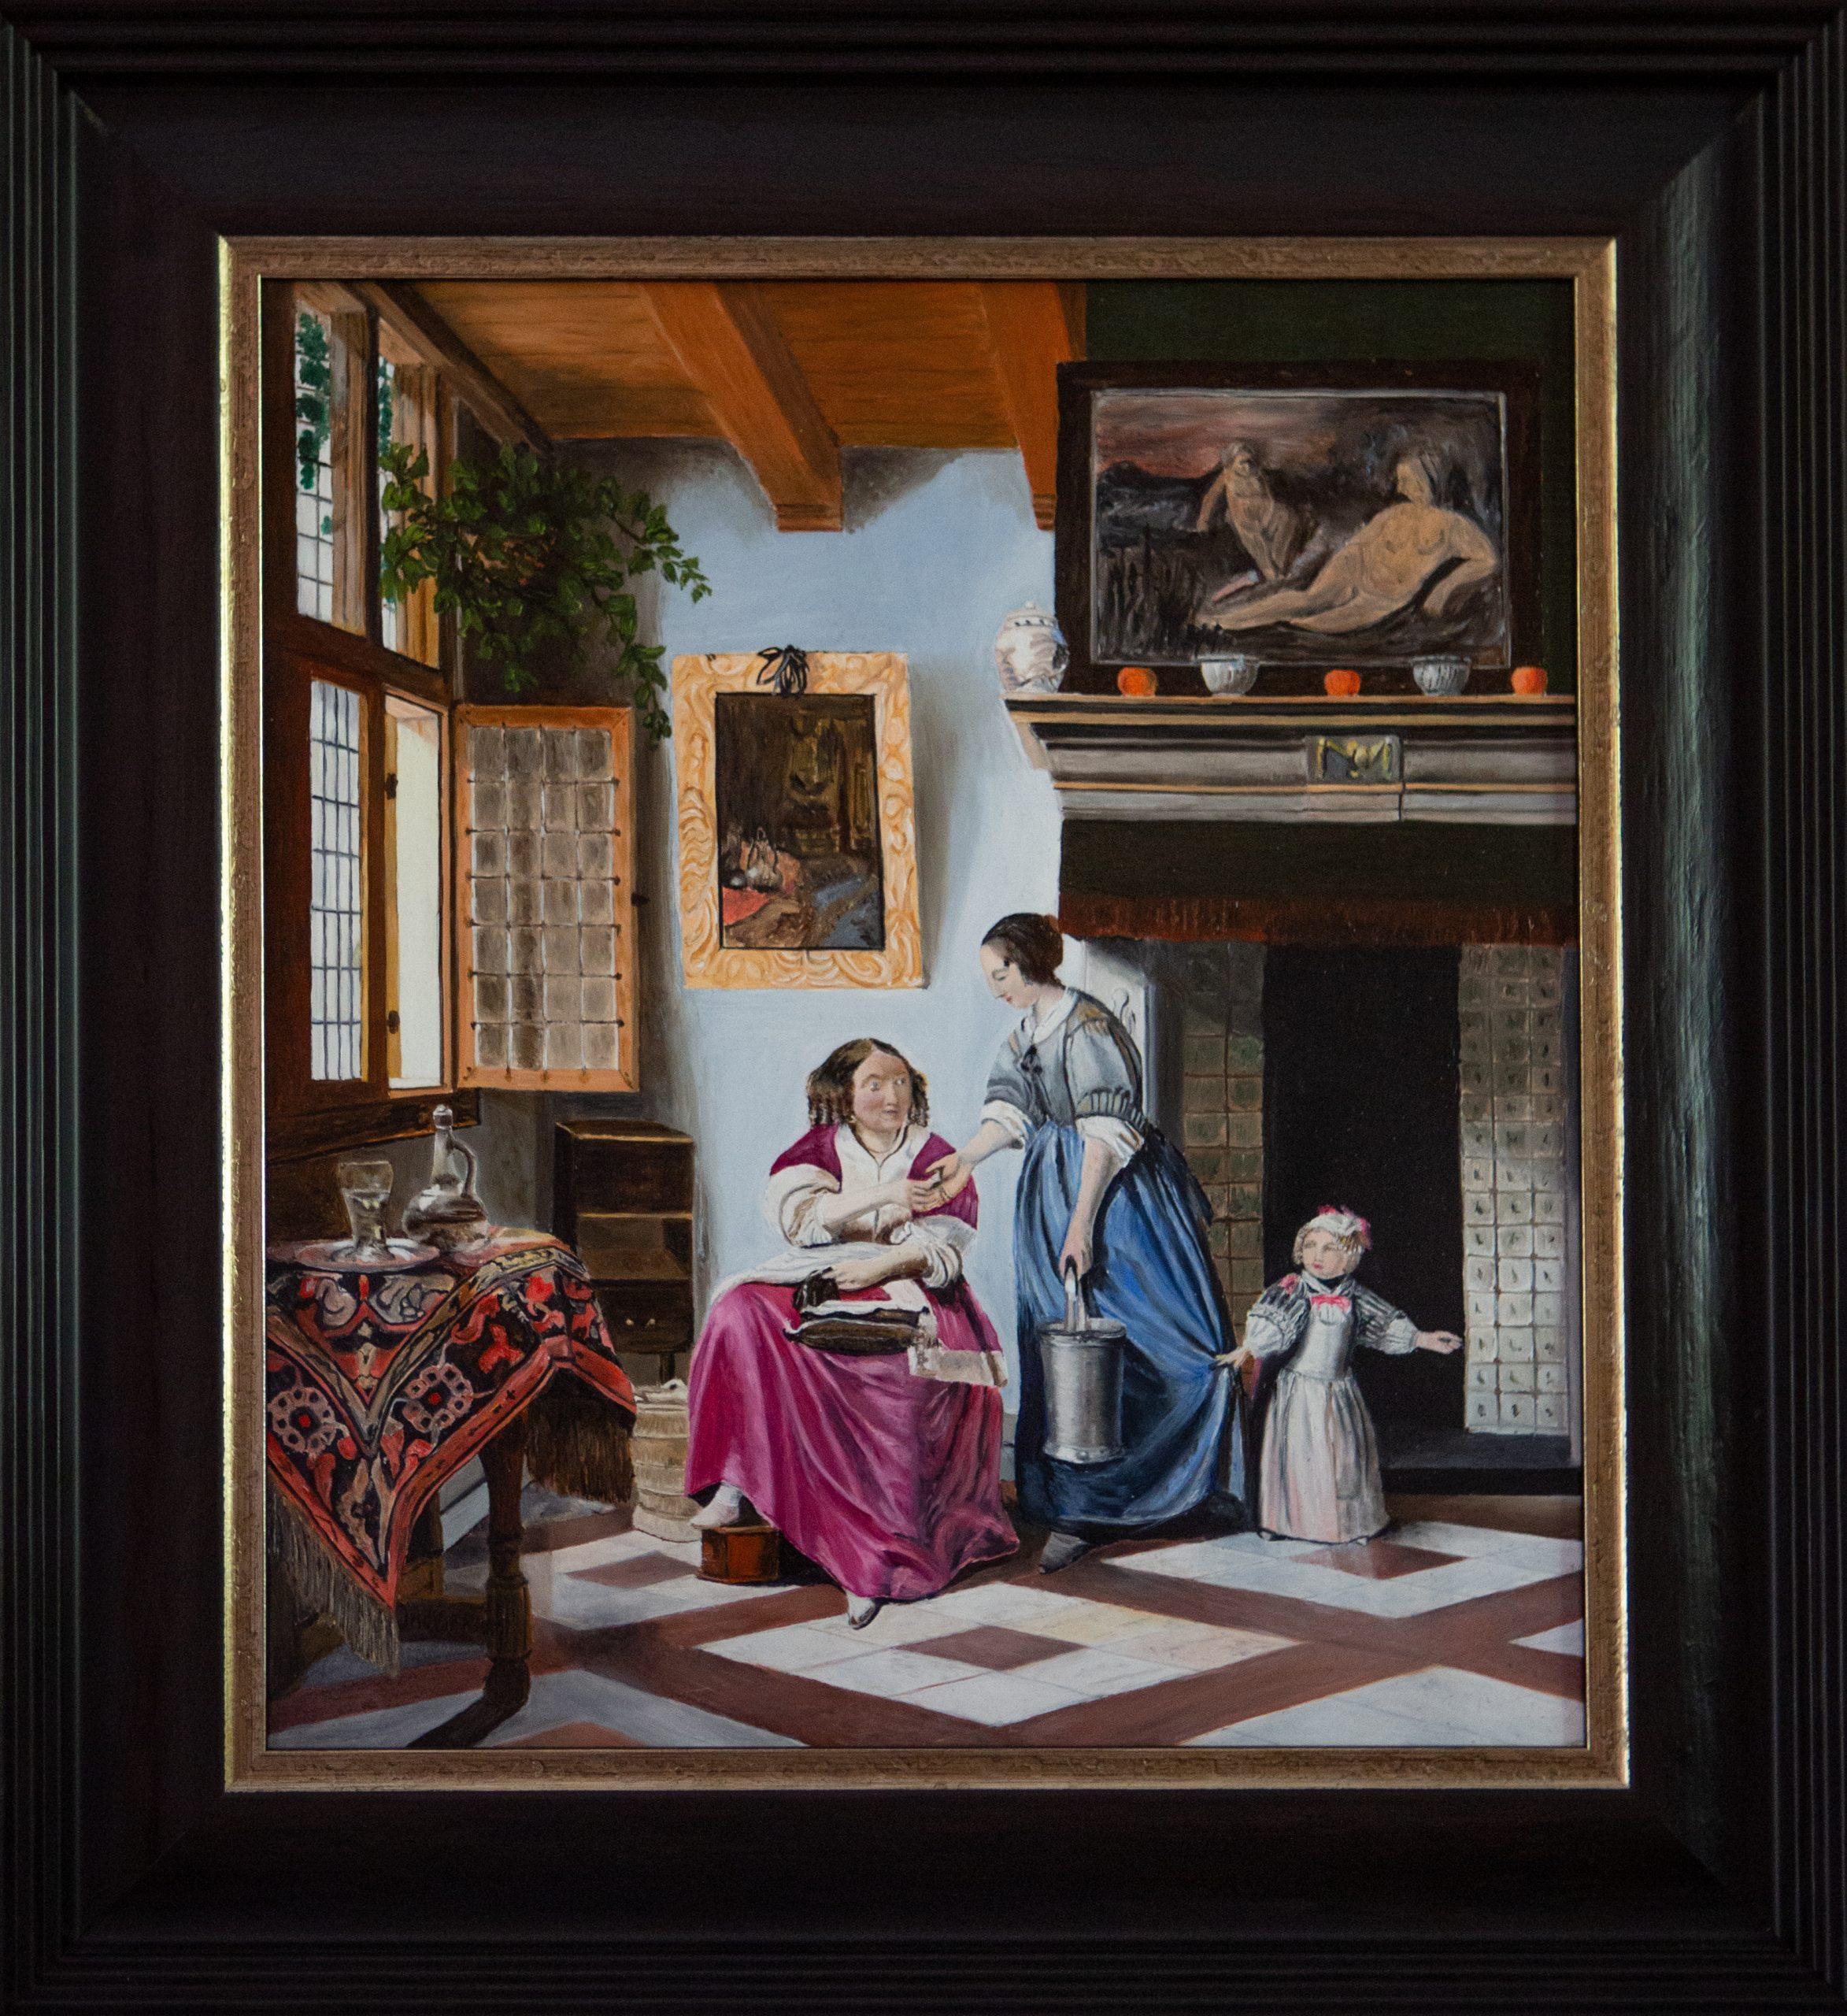 Interieur met een jonge vrouw die een dienstmeid een muntstuk geeft 1668 Pieter de Hooch (2019)